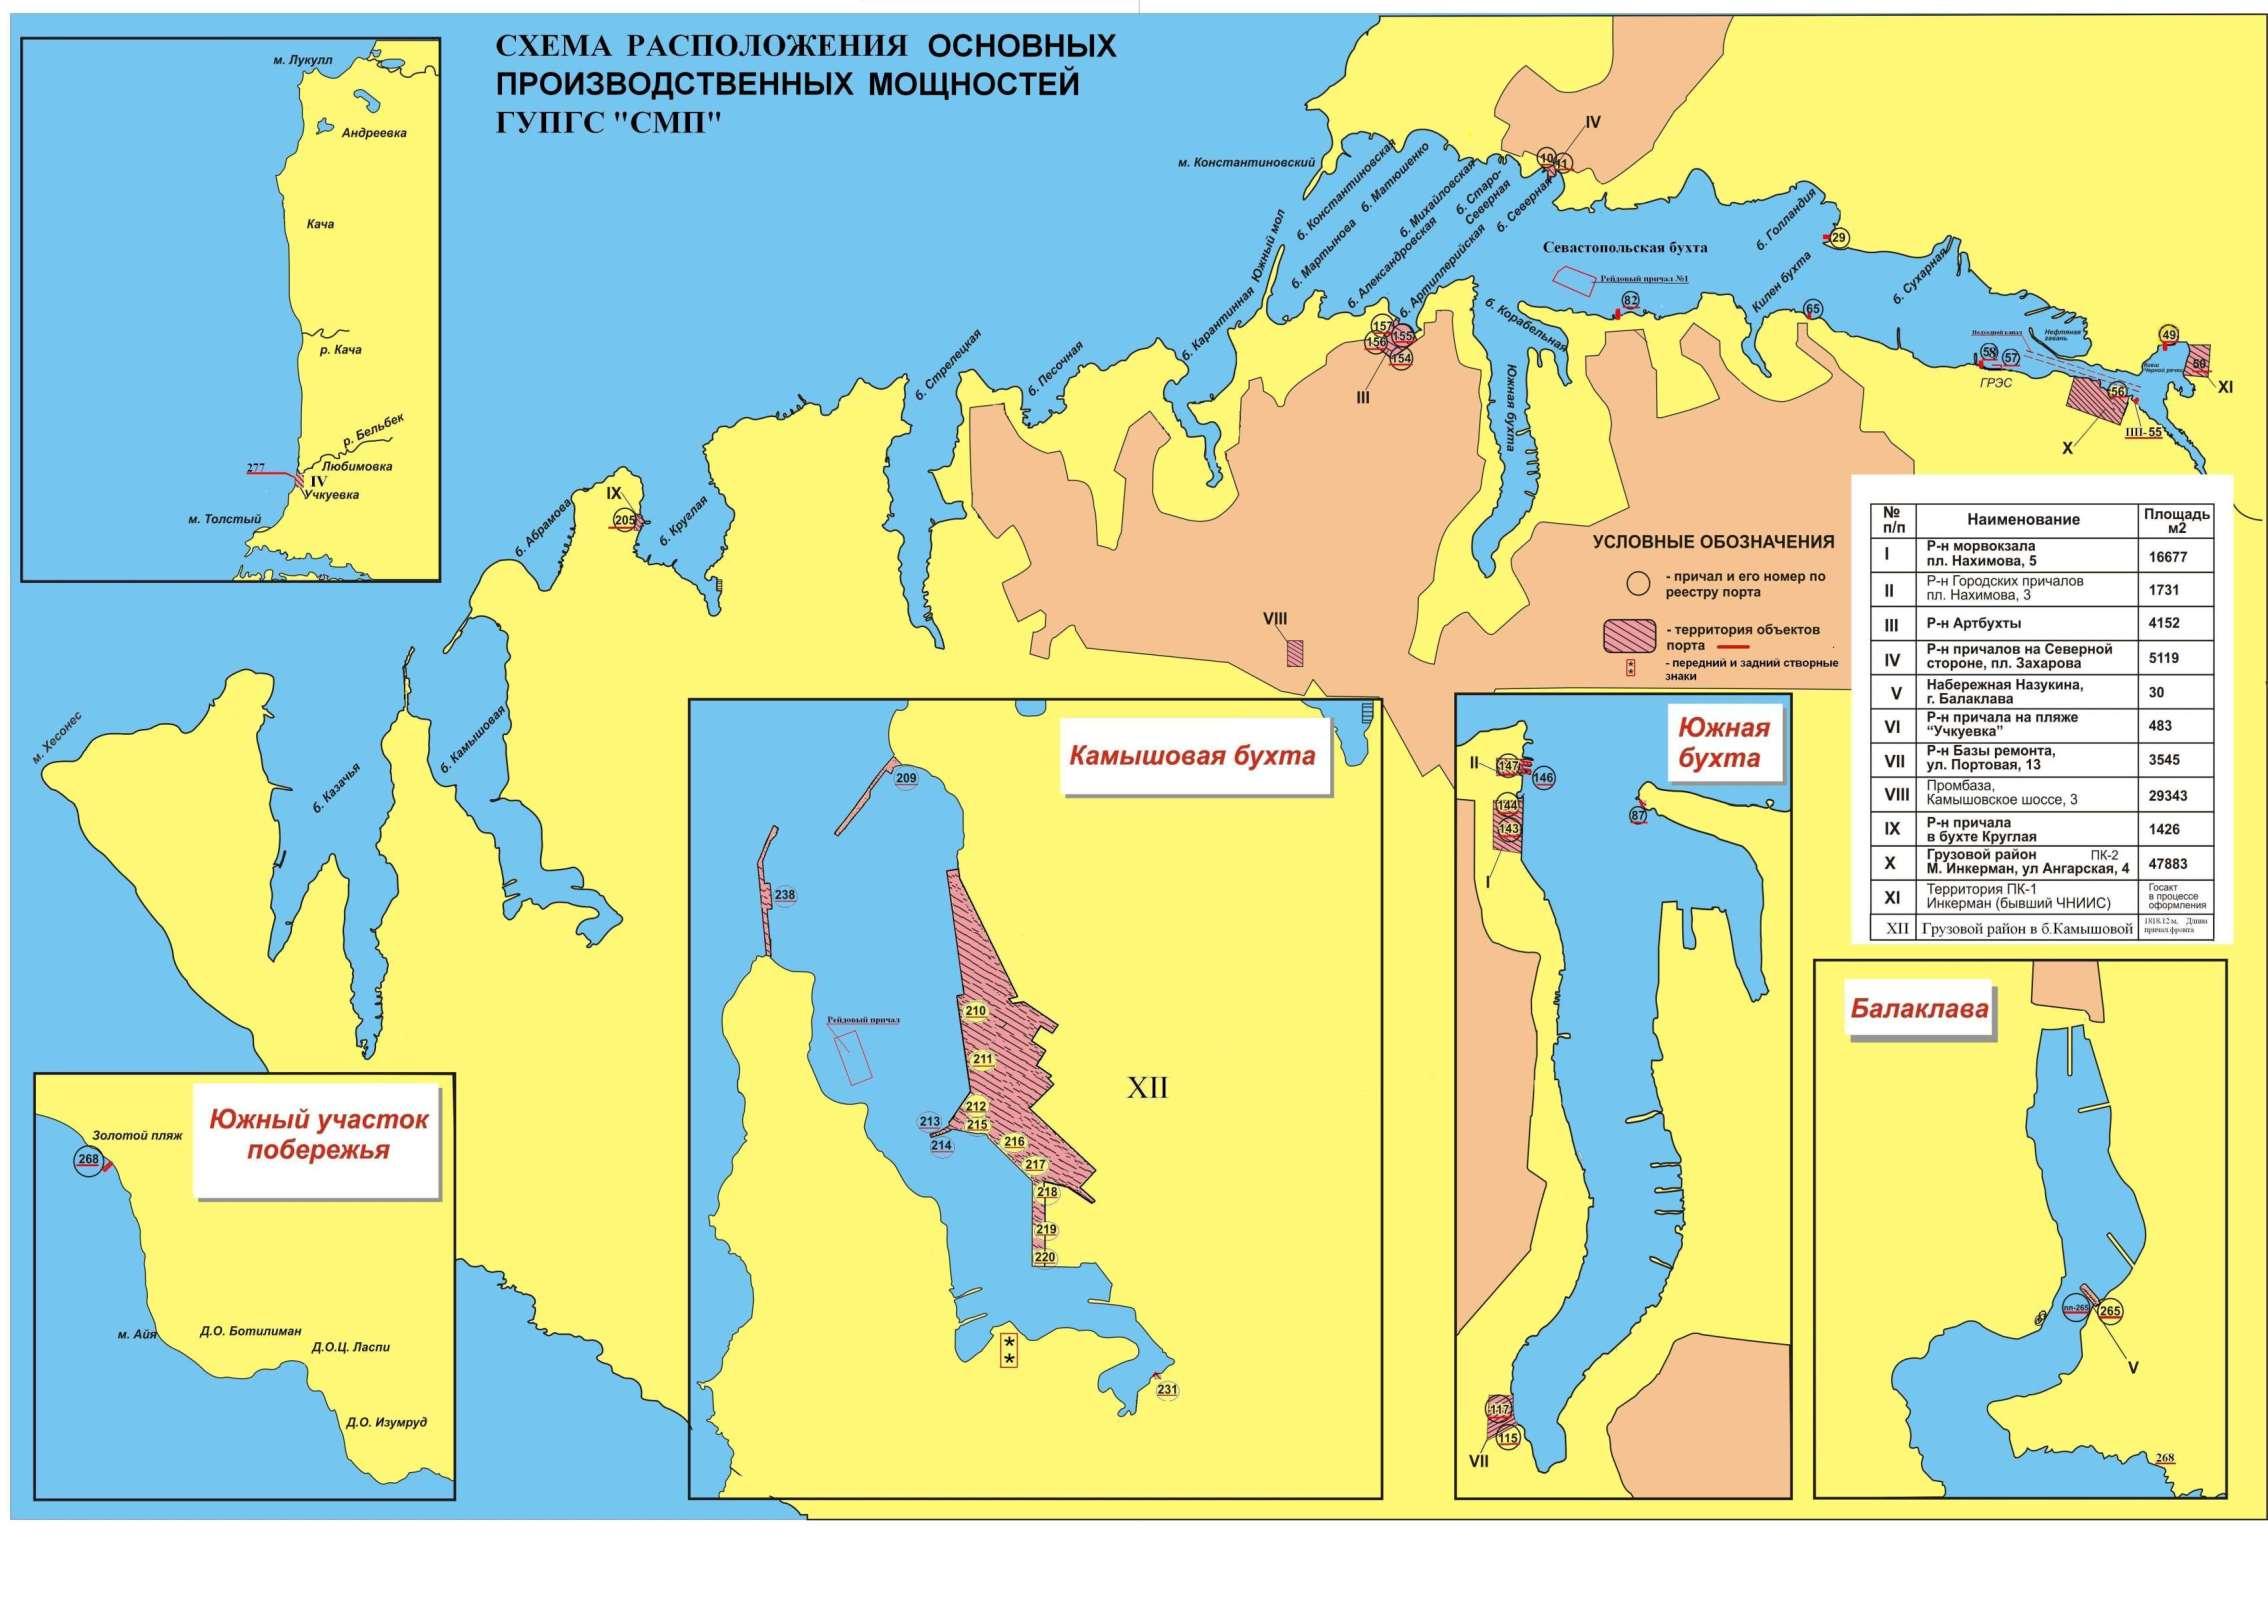 Схема расположения основных производственных мощностей Государственного унитарного предприятия «Севастопольский морской порт».